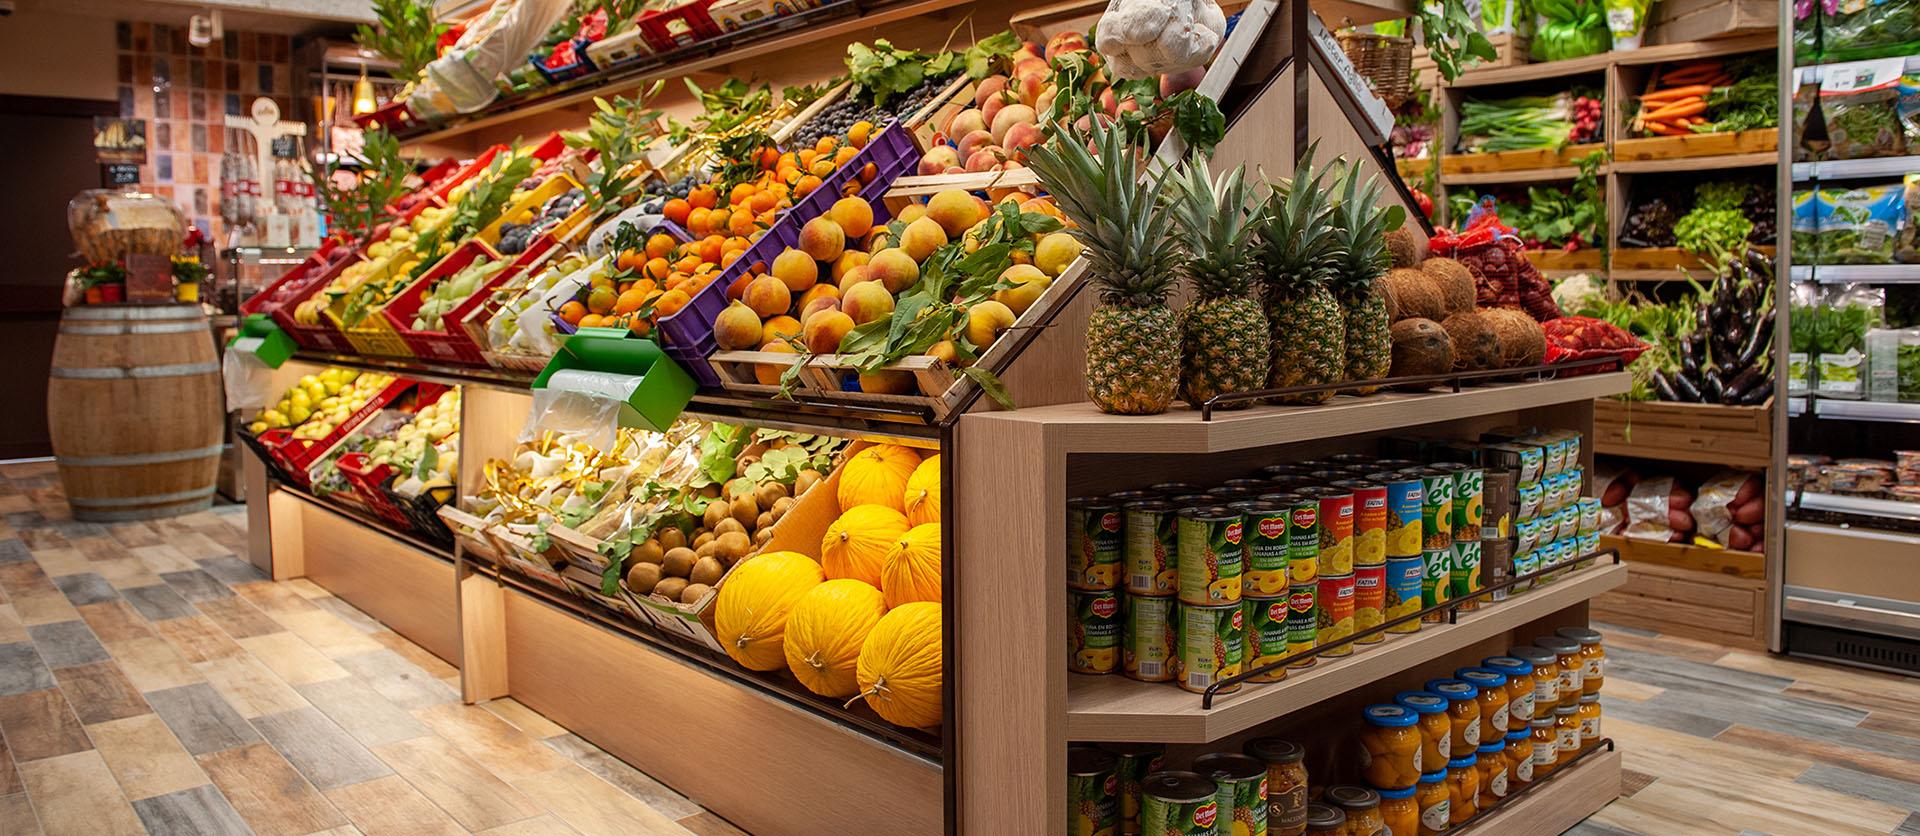 Esposizione di frutta e verdura nella GDO (Grande Distribuzione Organizzata)